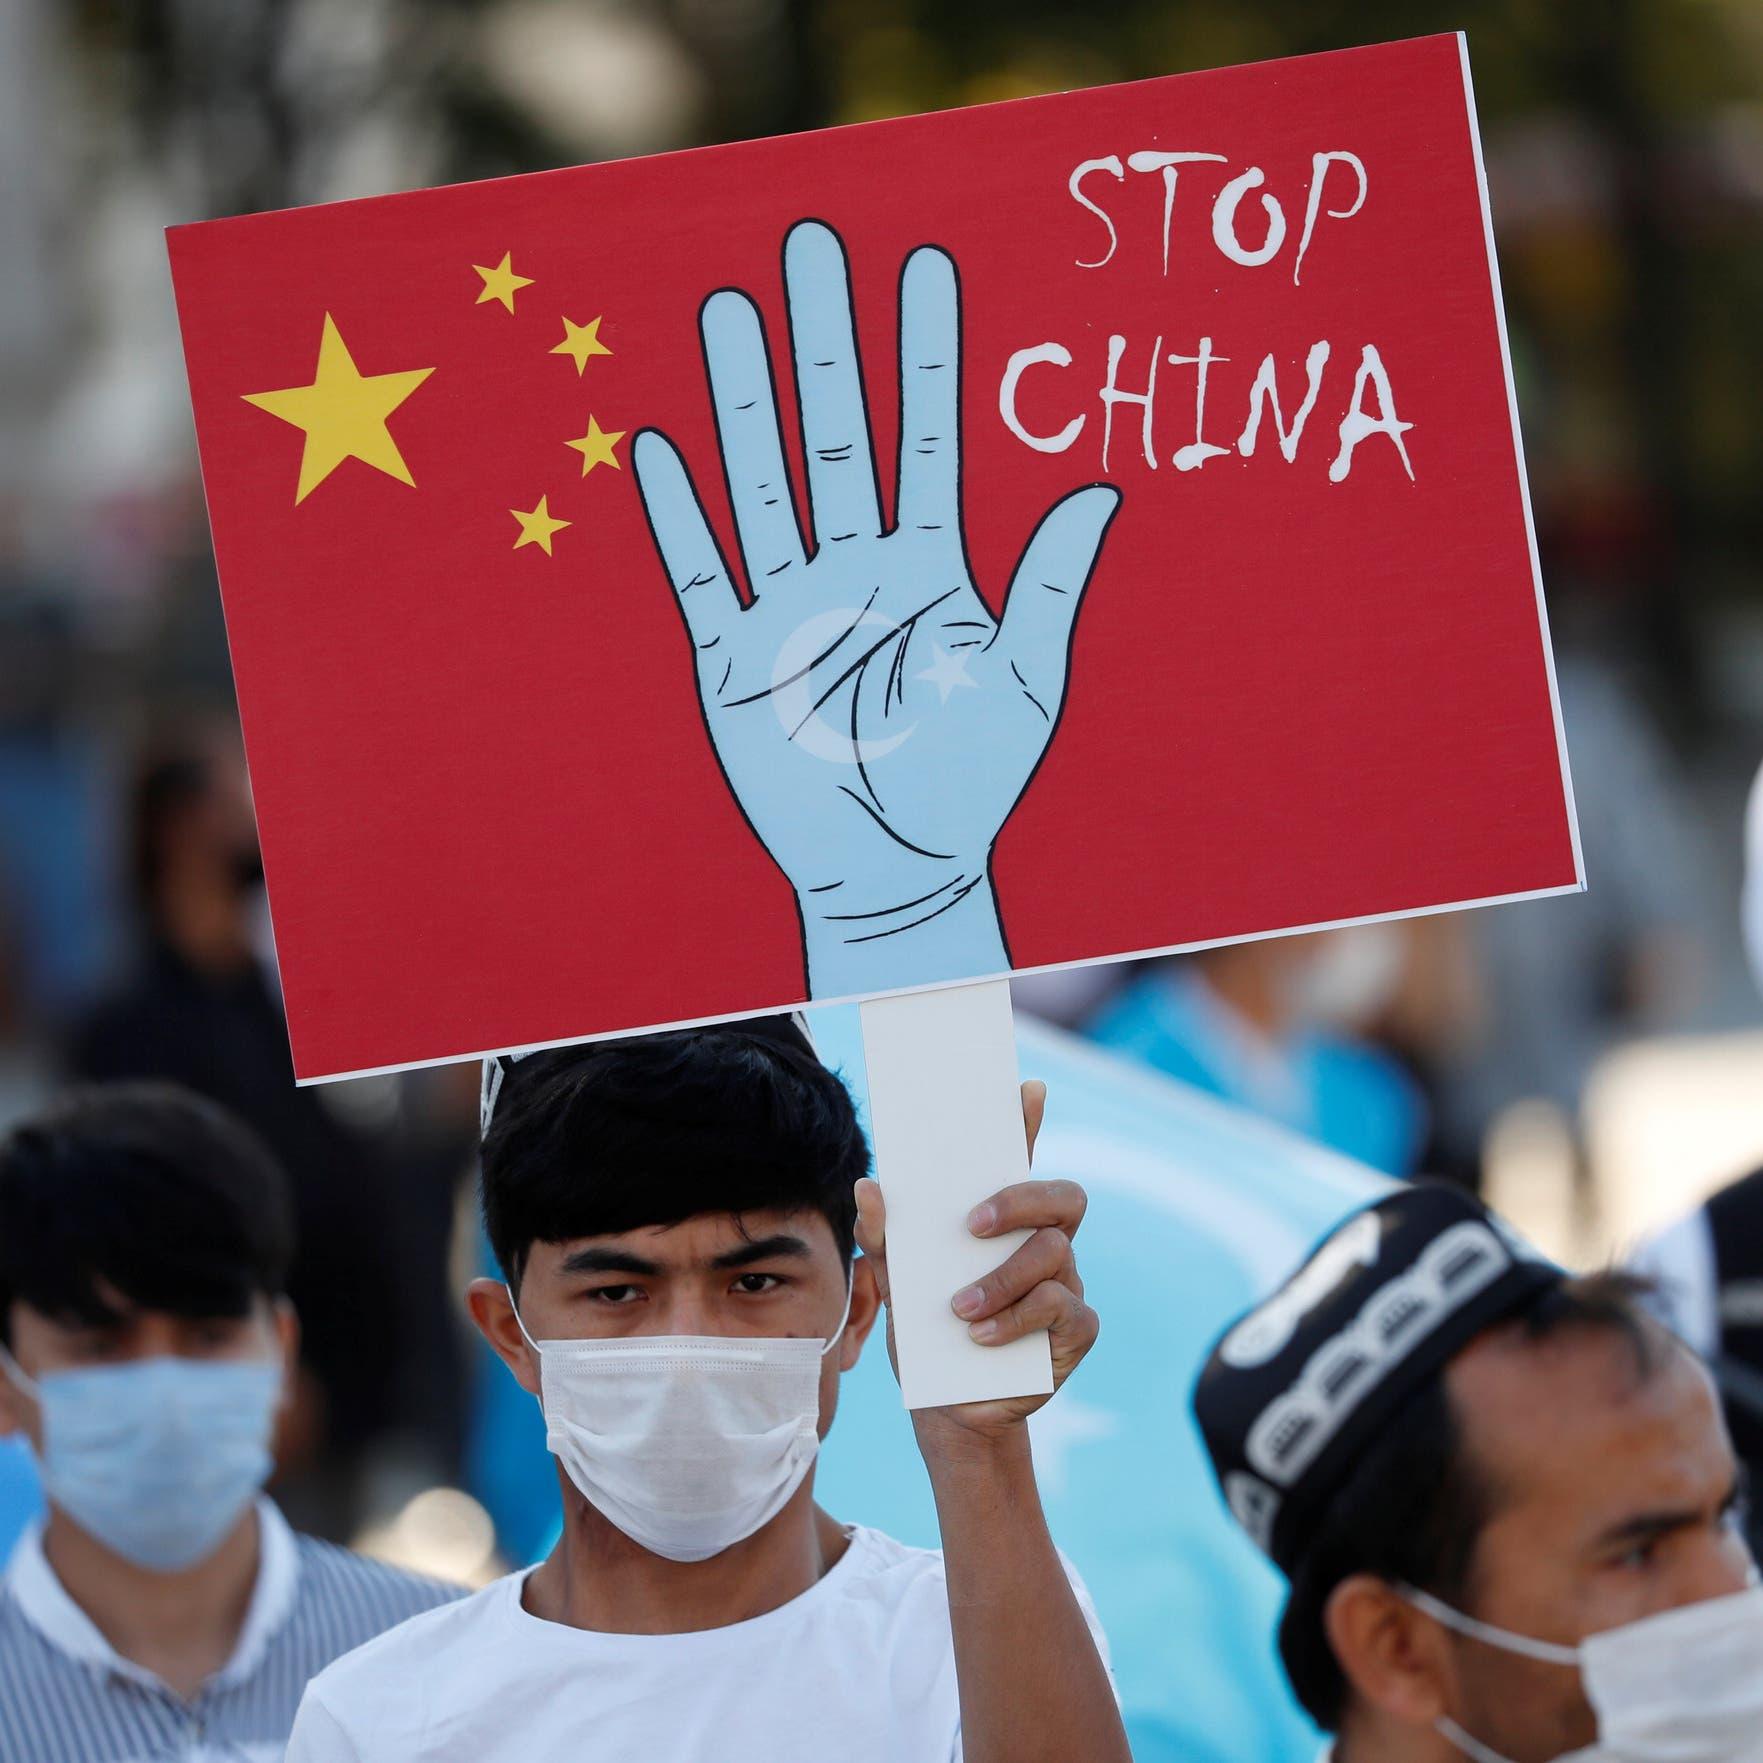 في جهد غربي موحد فرض عقوبات غير مسبوقة على الصين